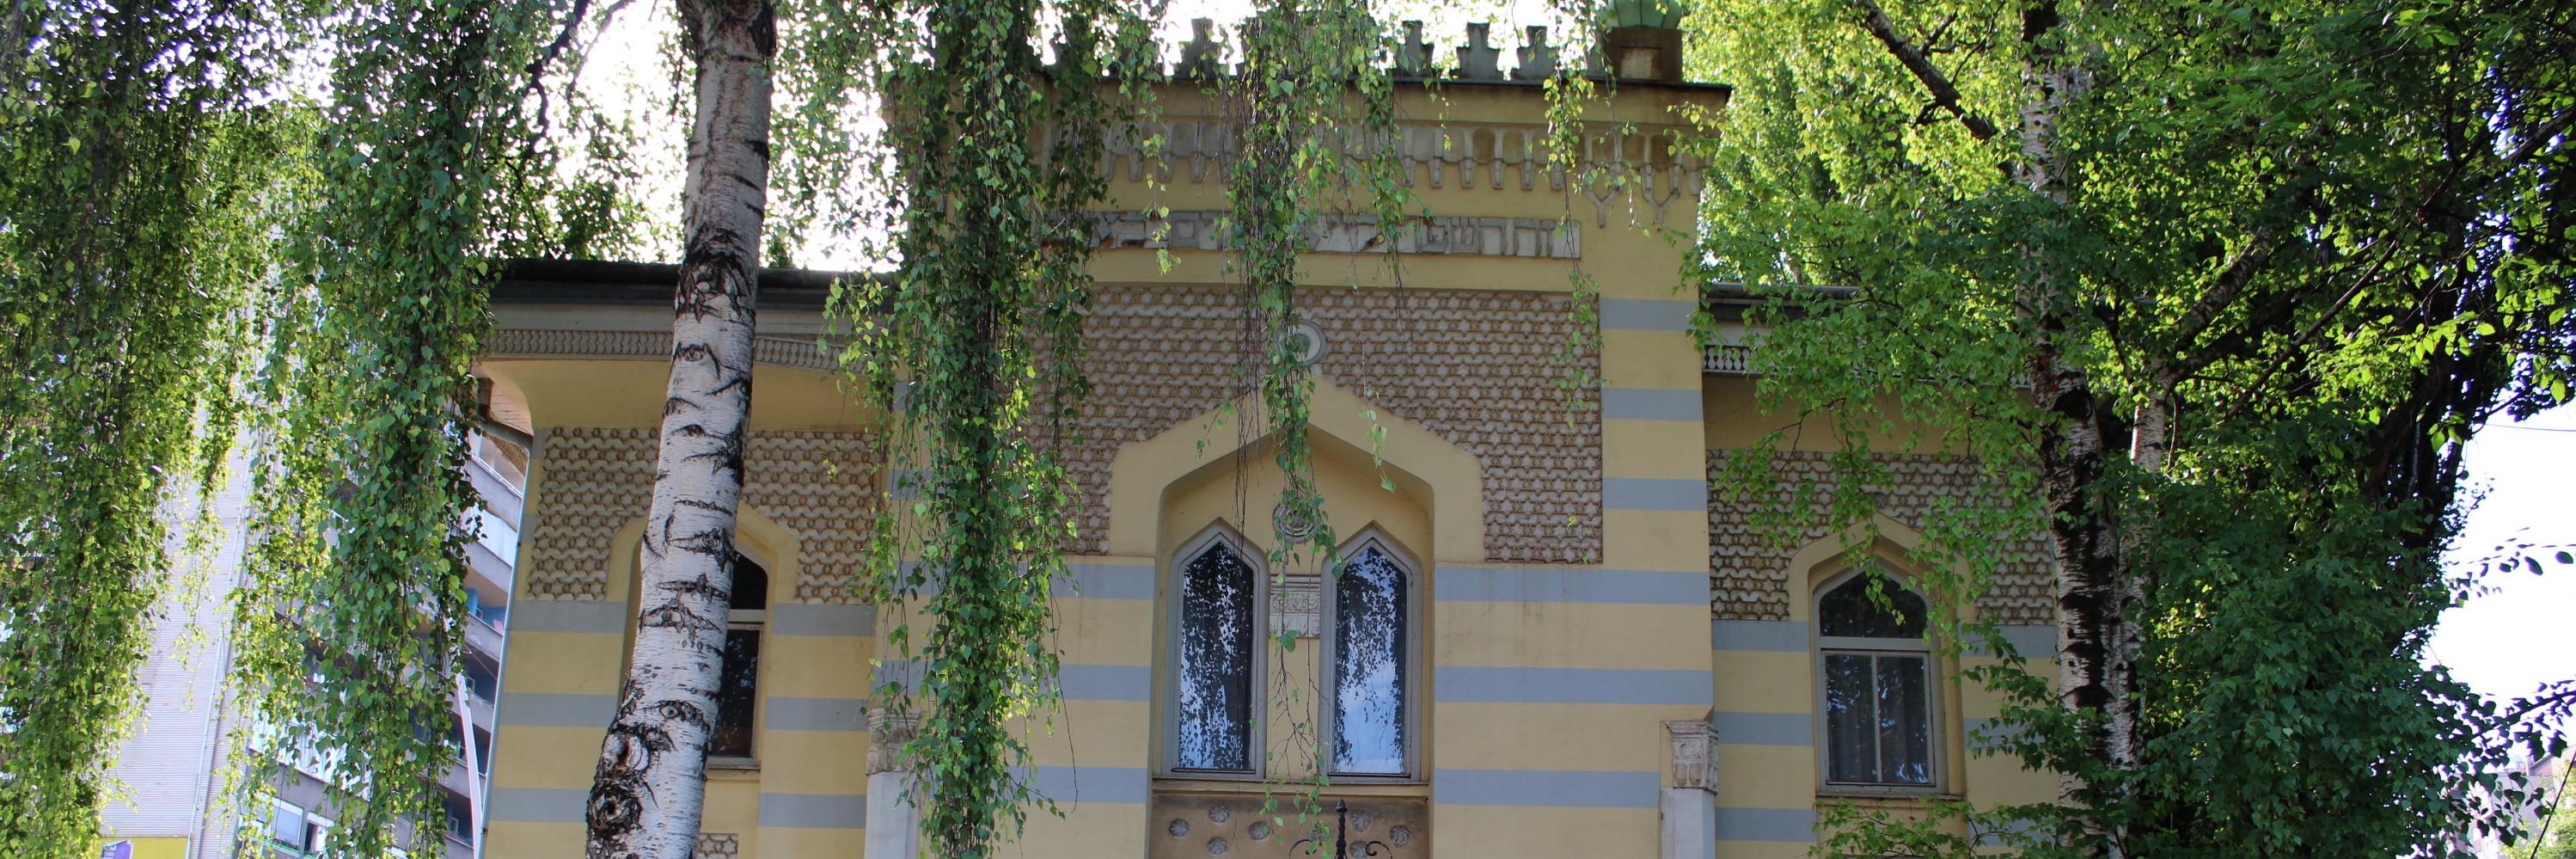 Синагога в Зенице